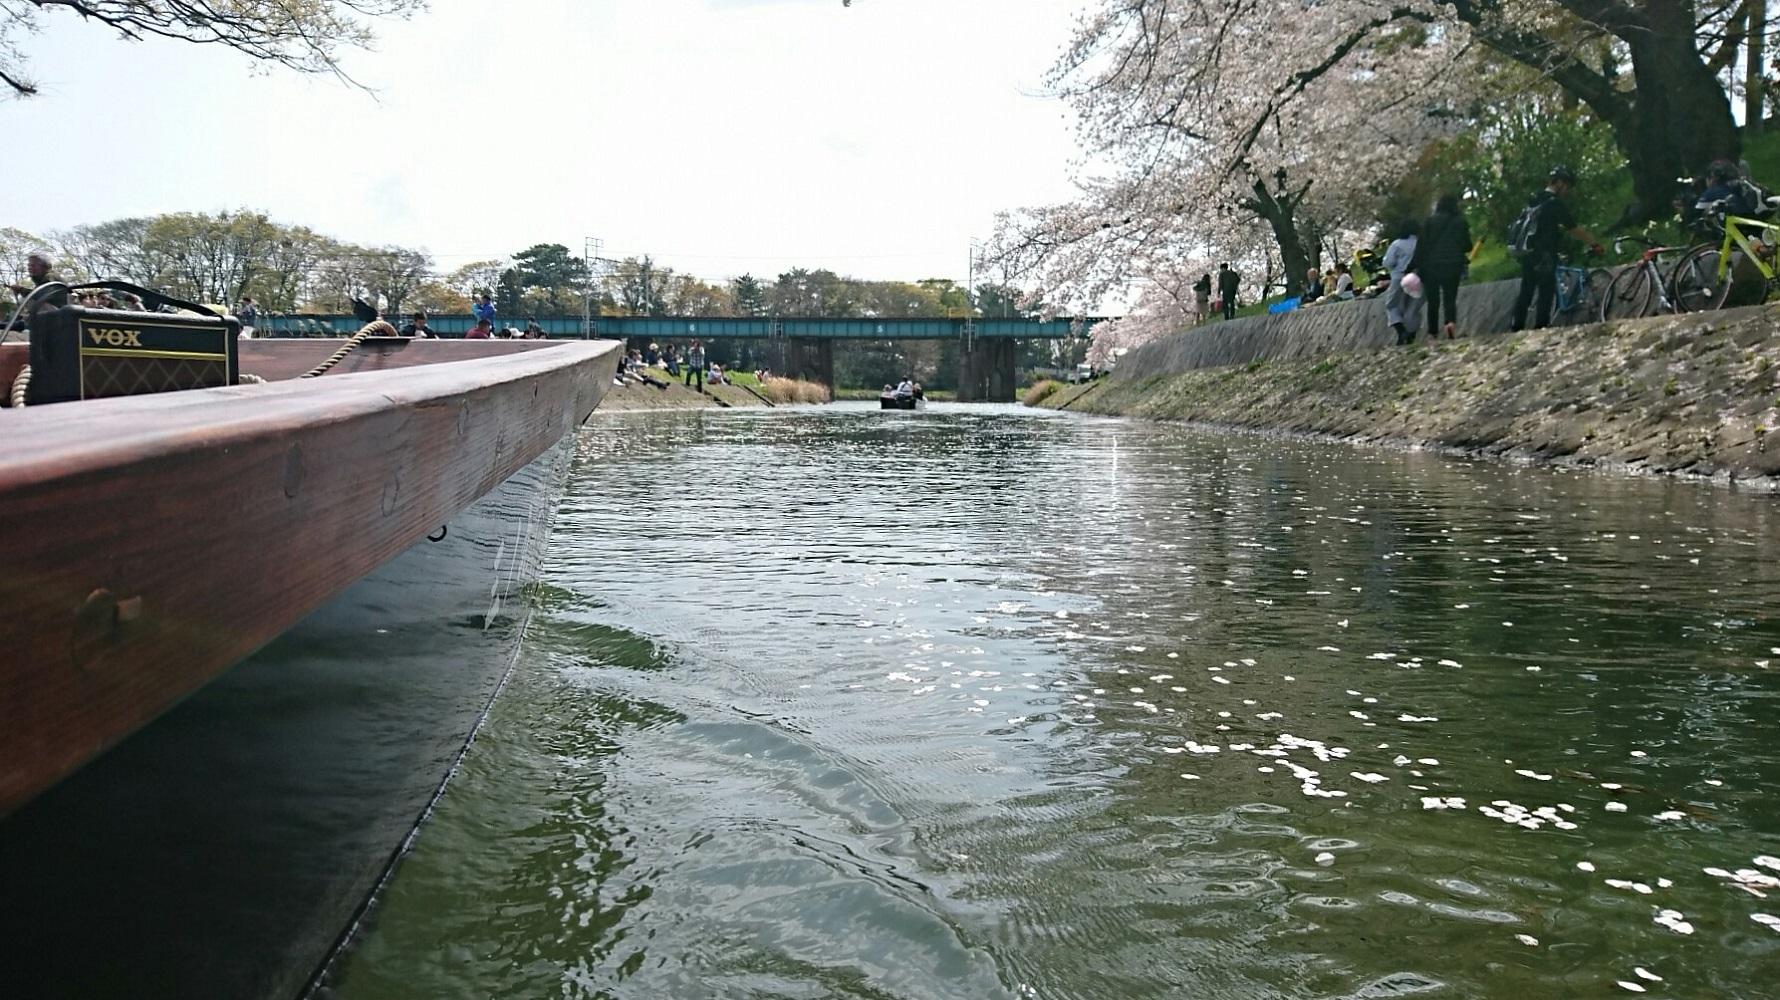 2018.3.31 岡崎ふなあそび (49) 伊賀川くだり - 名古屋本線鉄橋 1780-1000